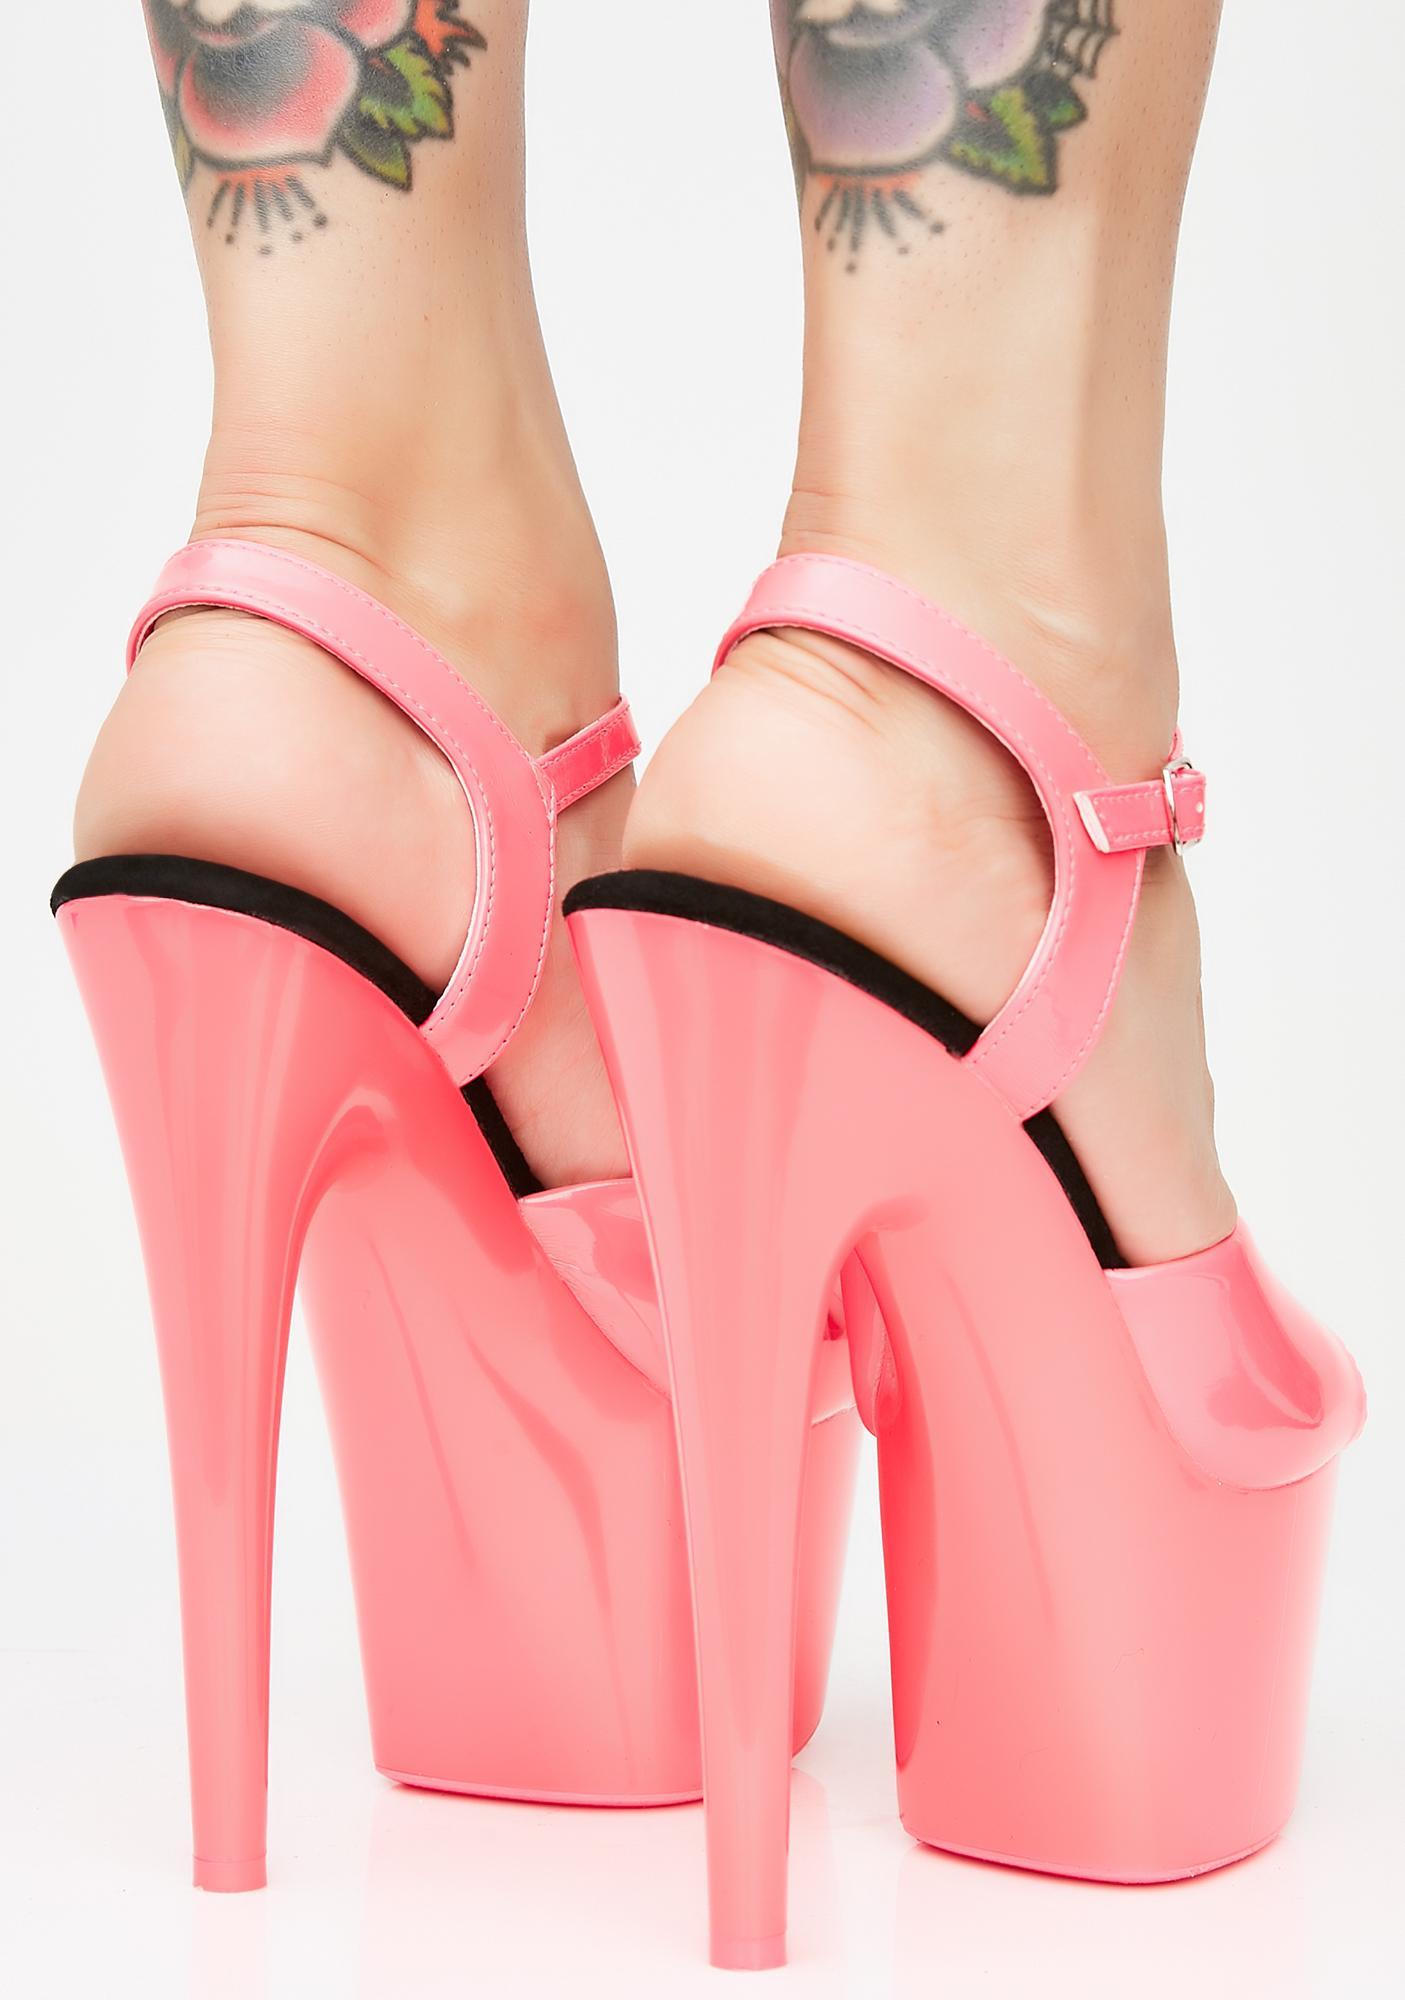 Pleaser Pleasure Pleaser UV Reactive Heels